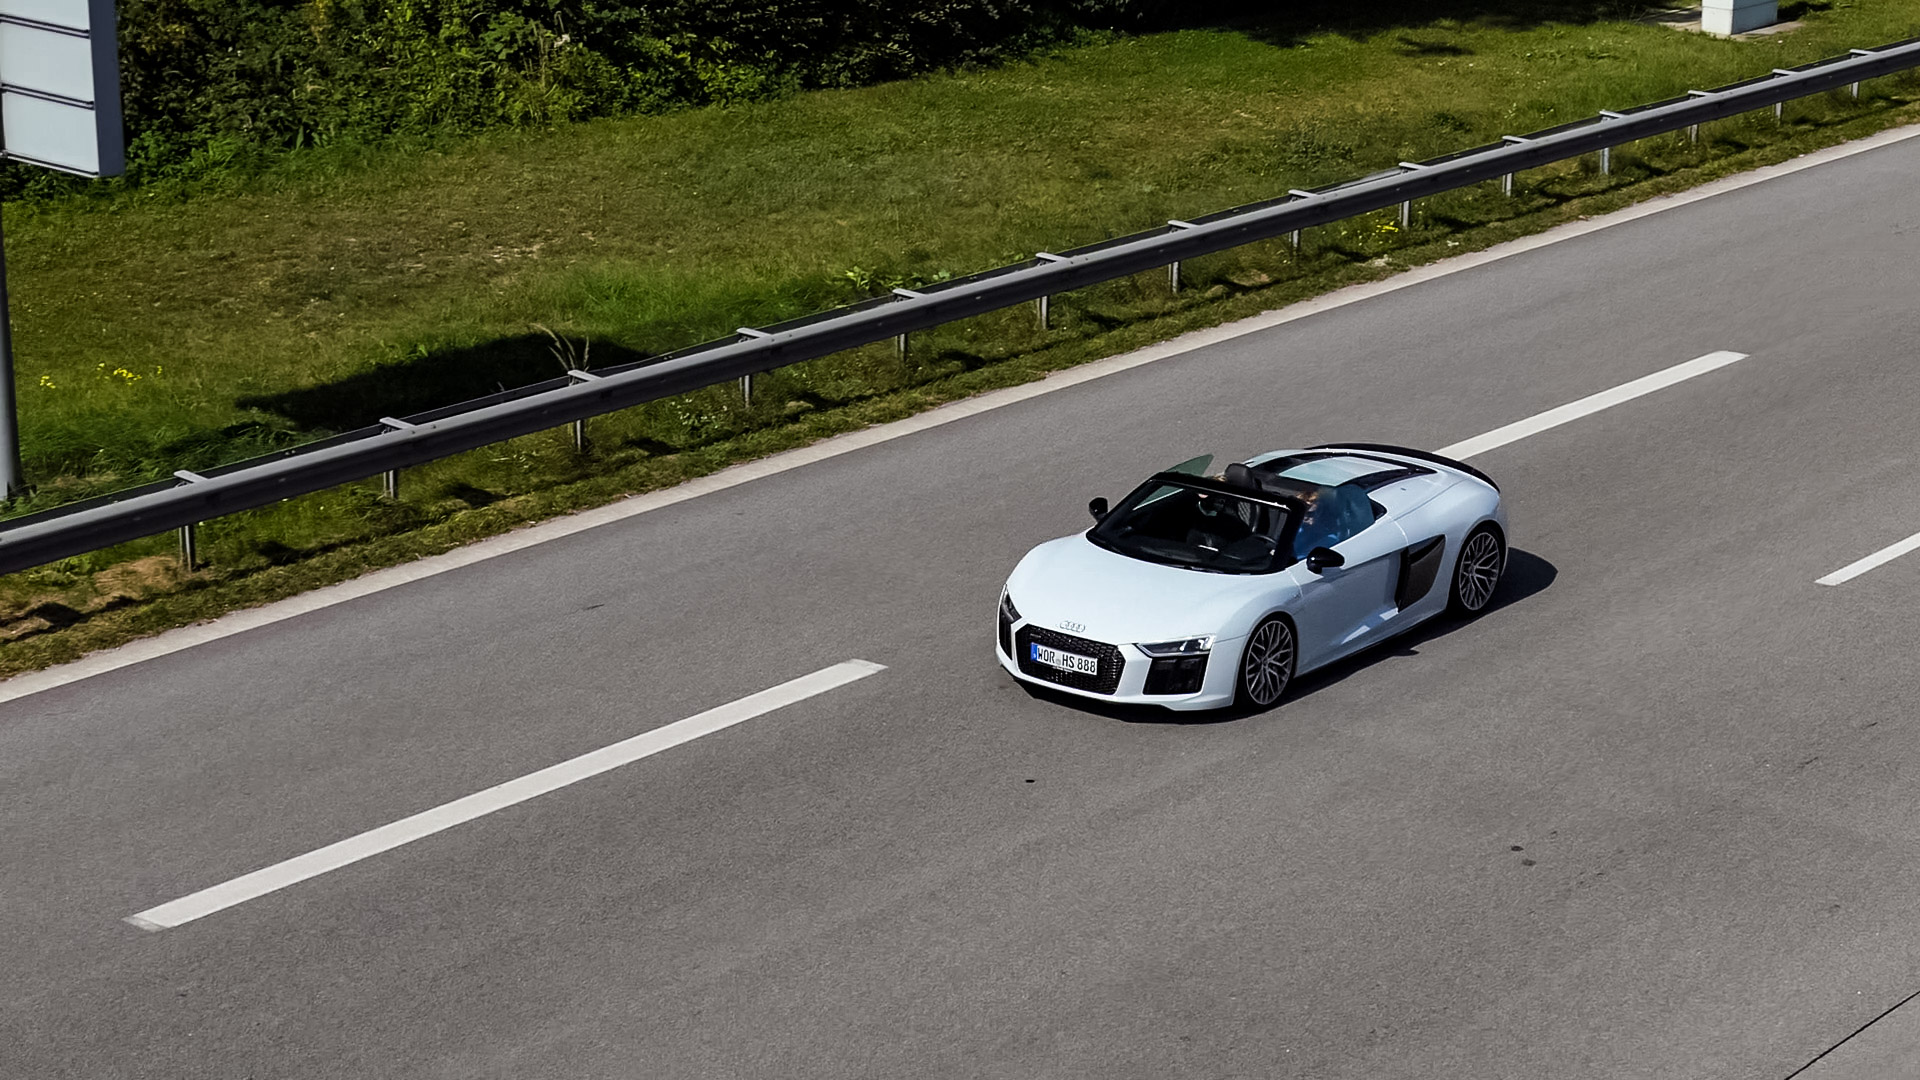 Audi R8 V10 Spyder - WOR-HS-888